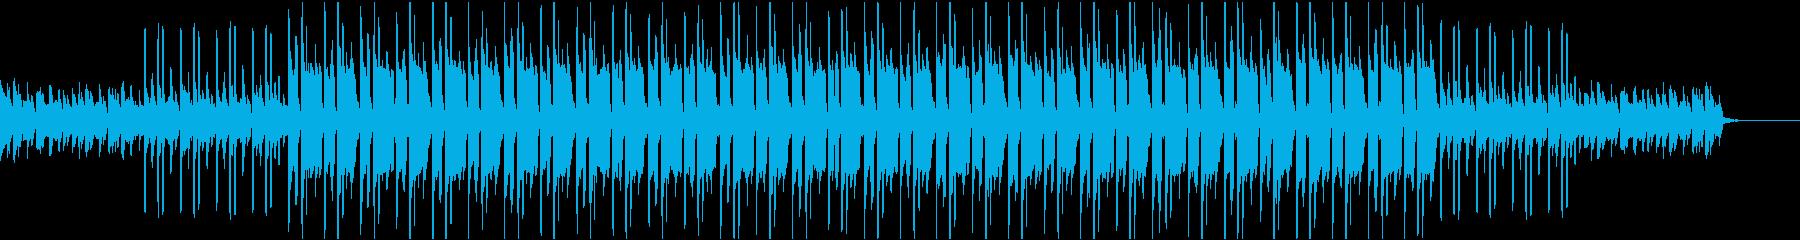 ニュース、YouTube等映像BGM01の再生済みの波形